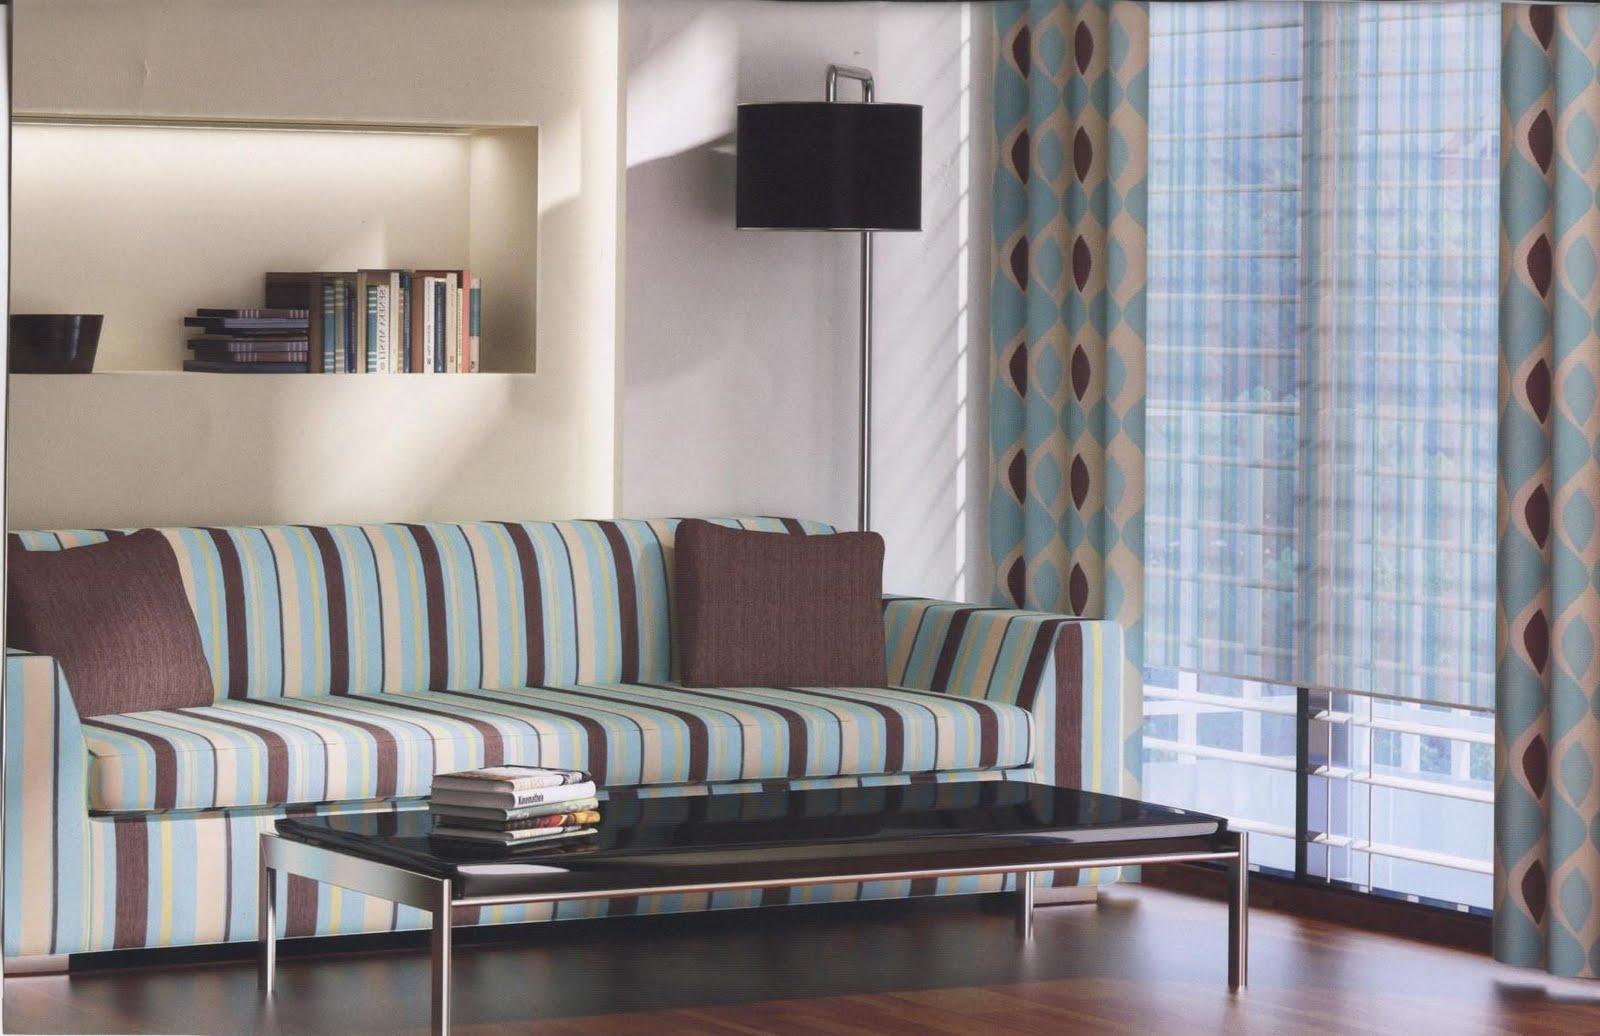 Decoracion cortinas y ropa de hogar salon - Decoracion de cortinas para salones ...